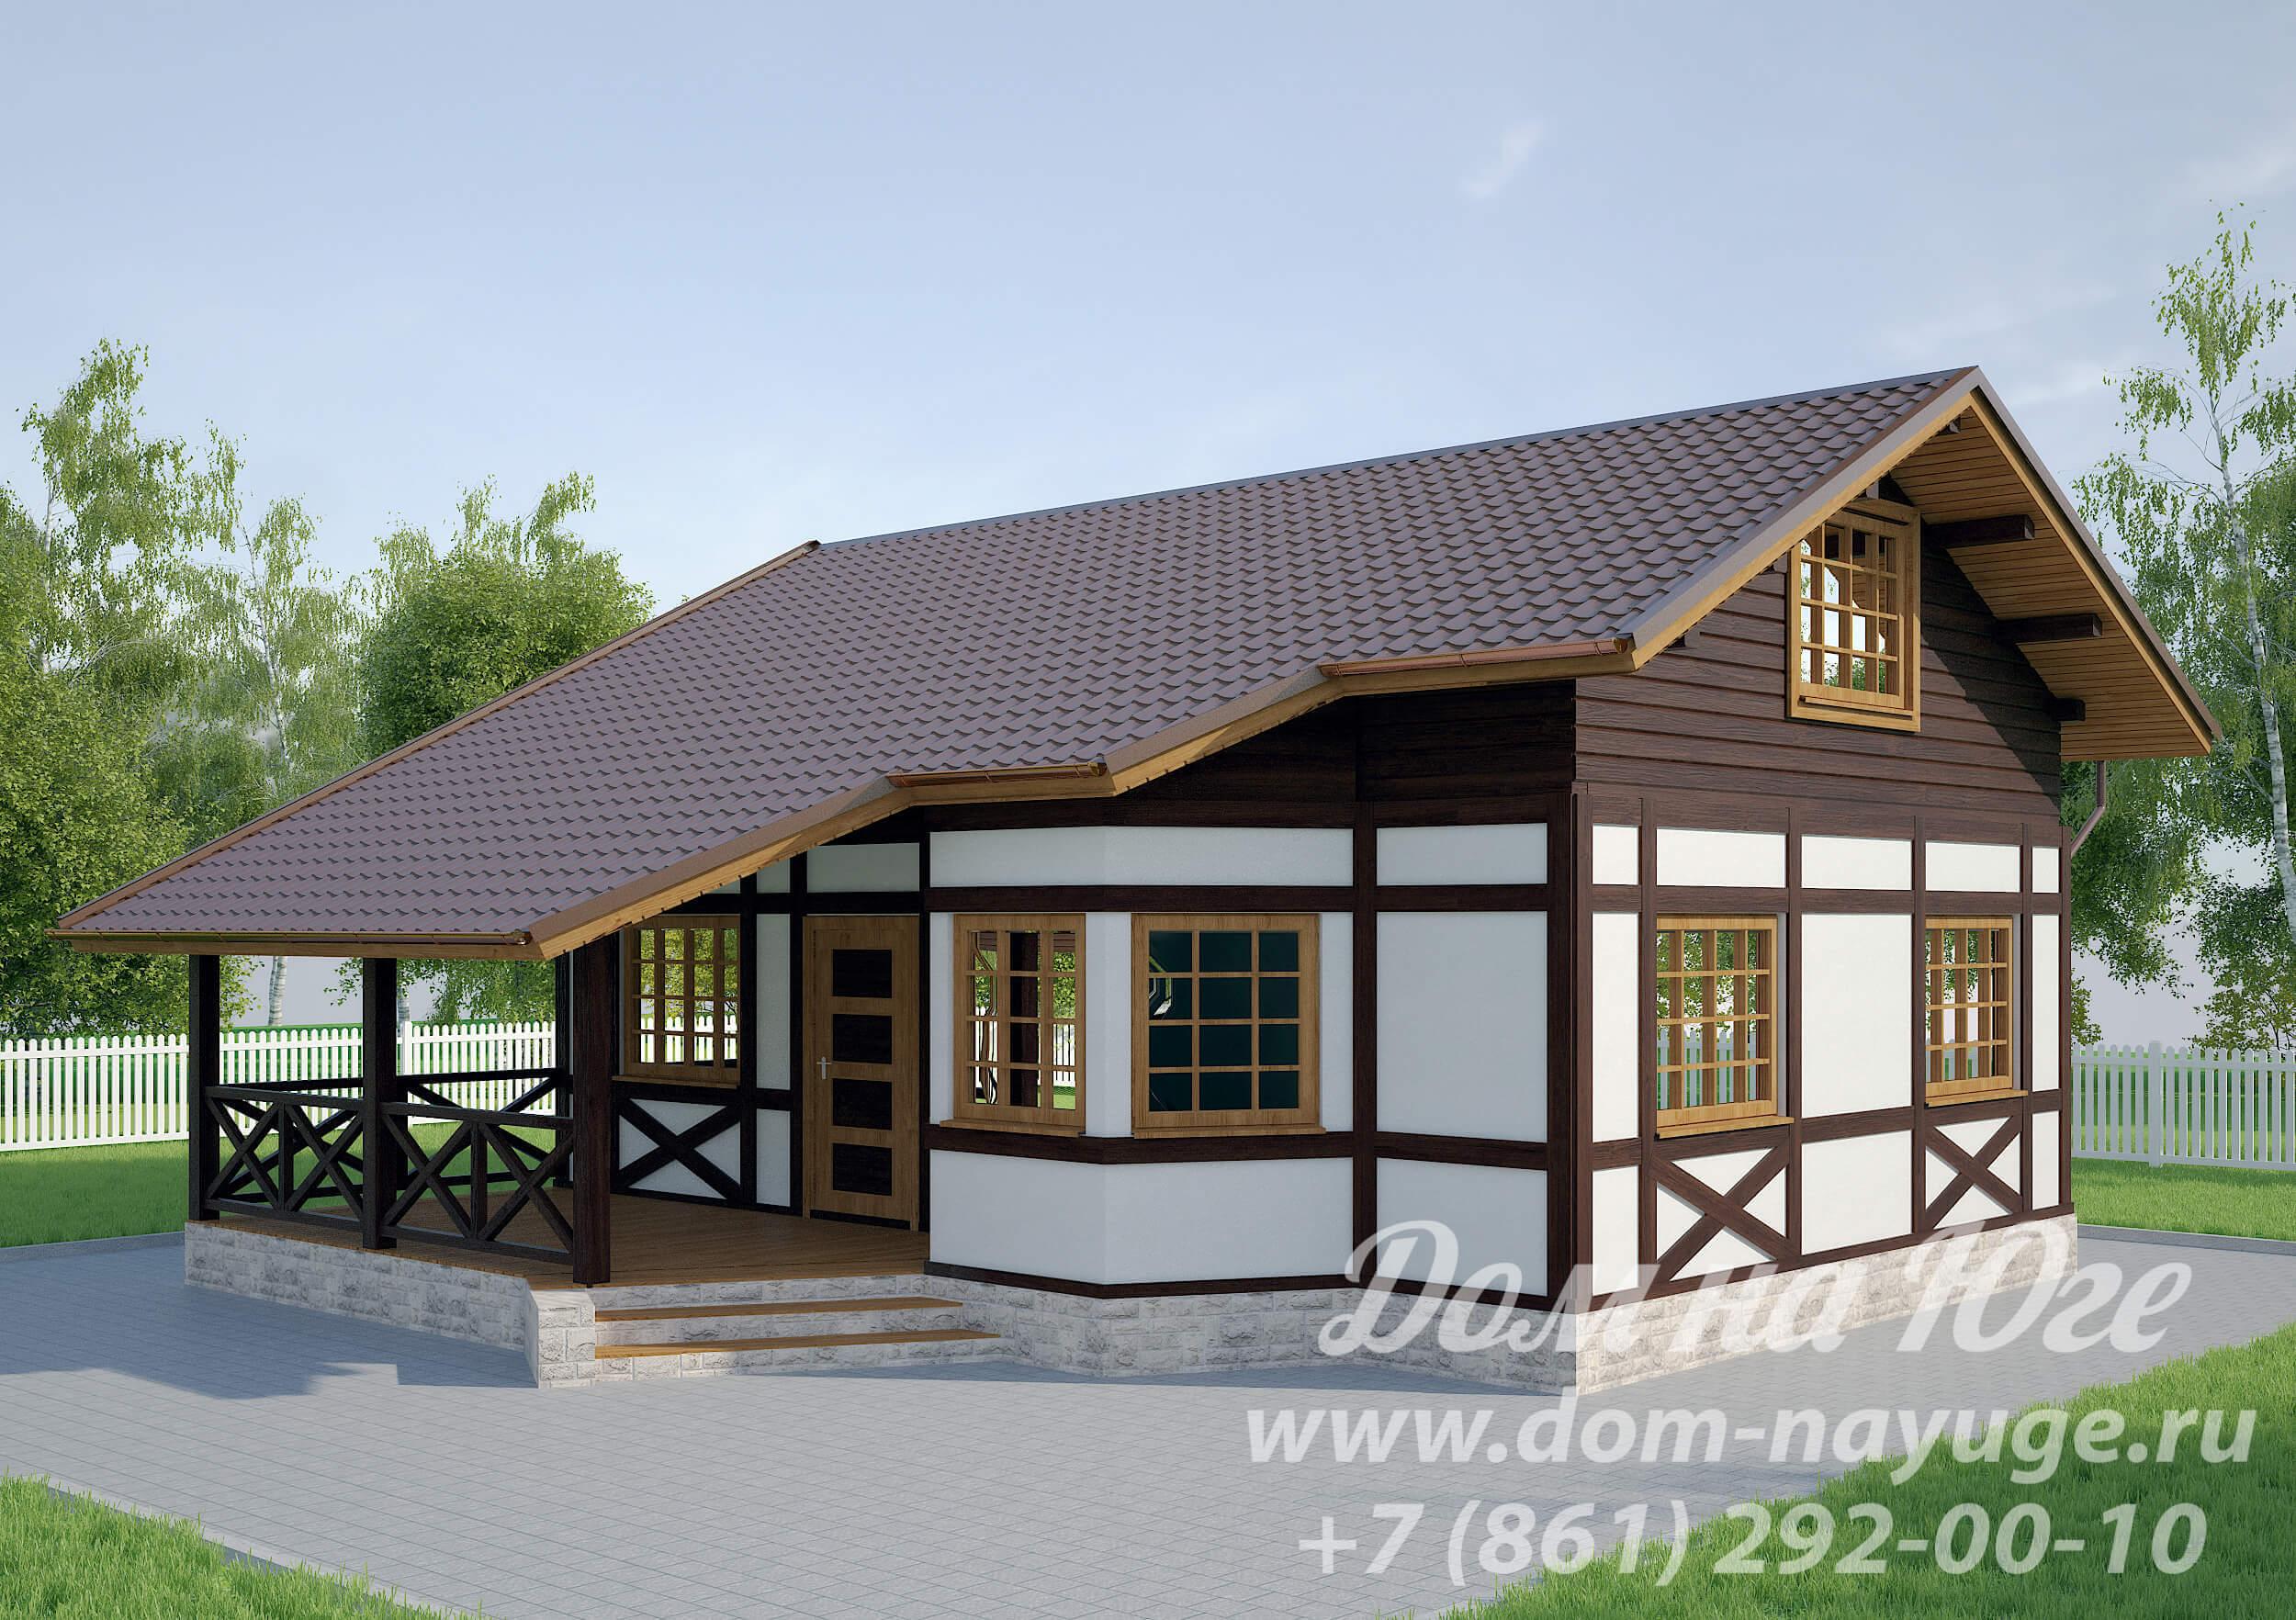 Проект каркасного дома ДМ3